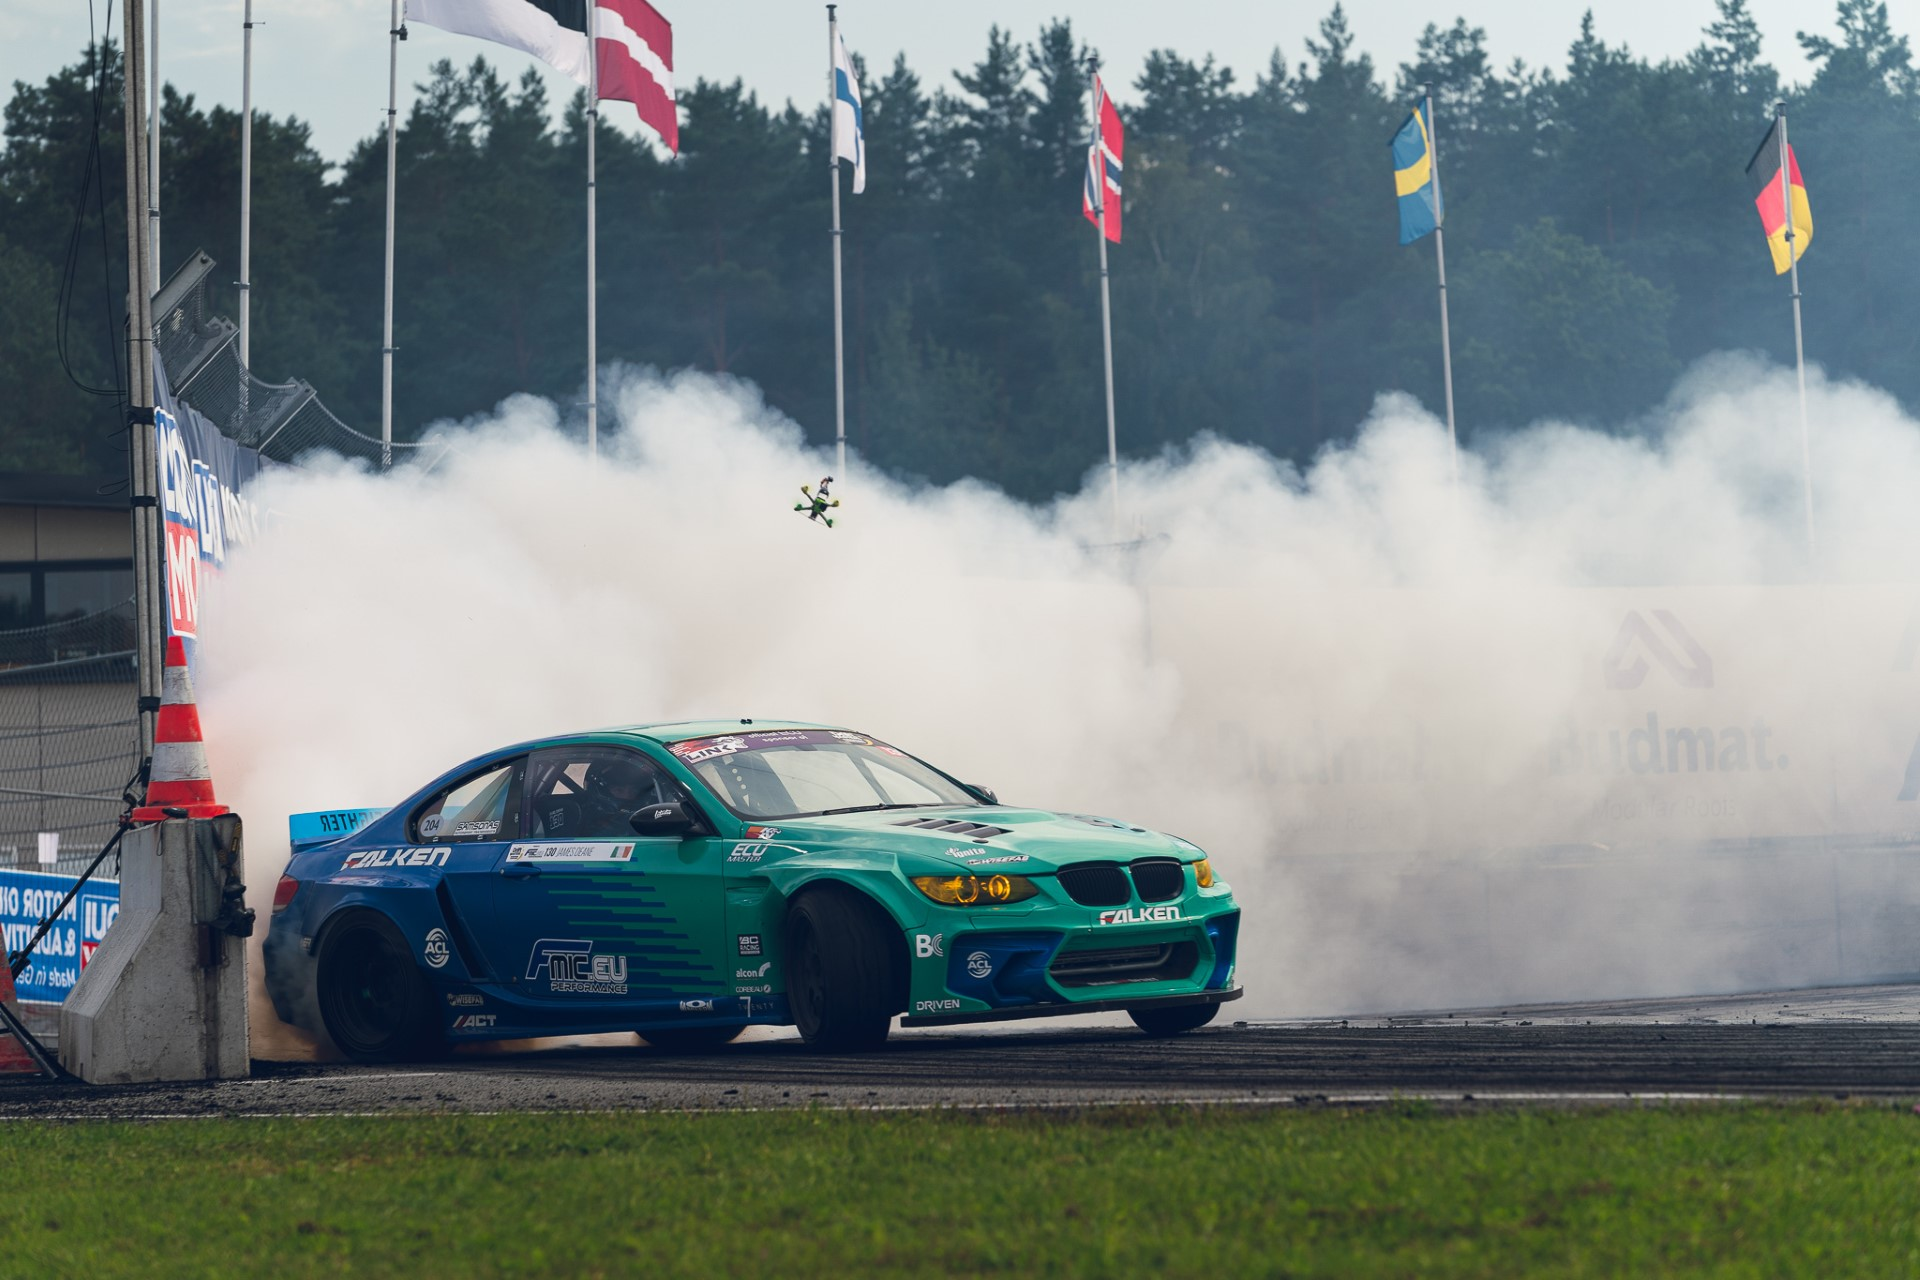 bc-racing-na-james-deane-01005